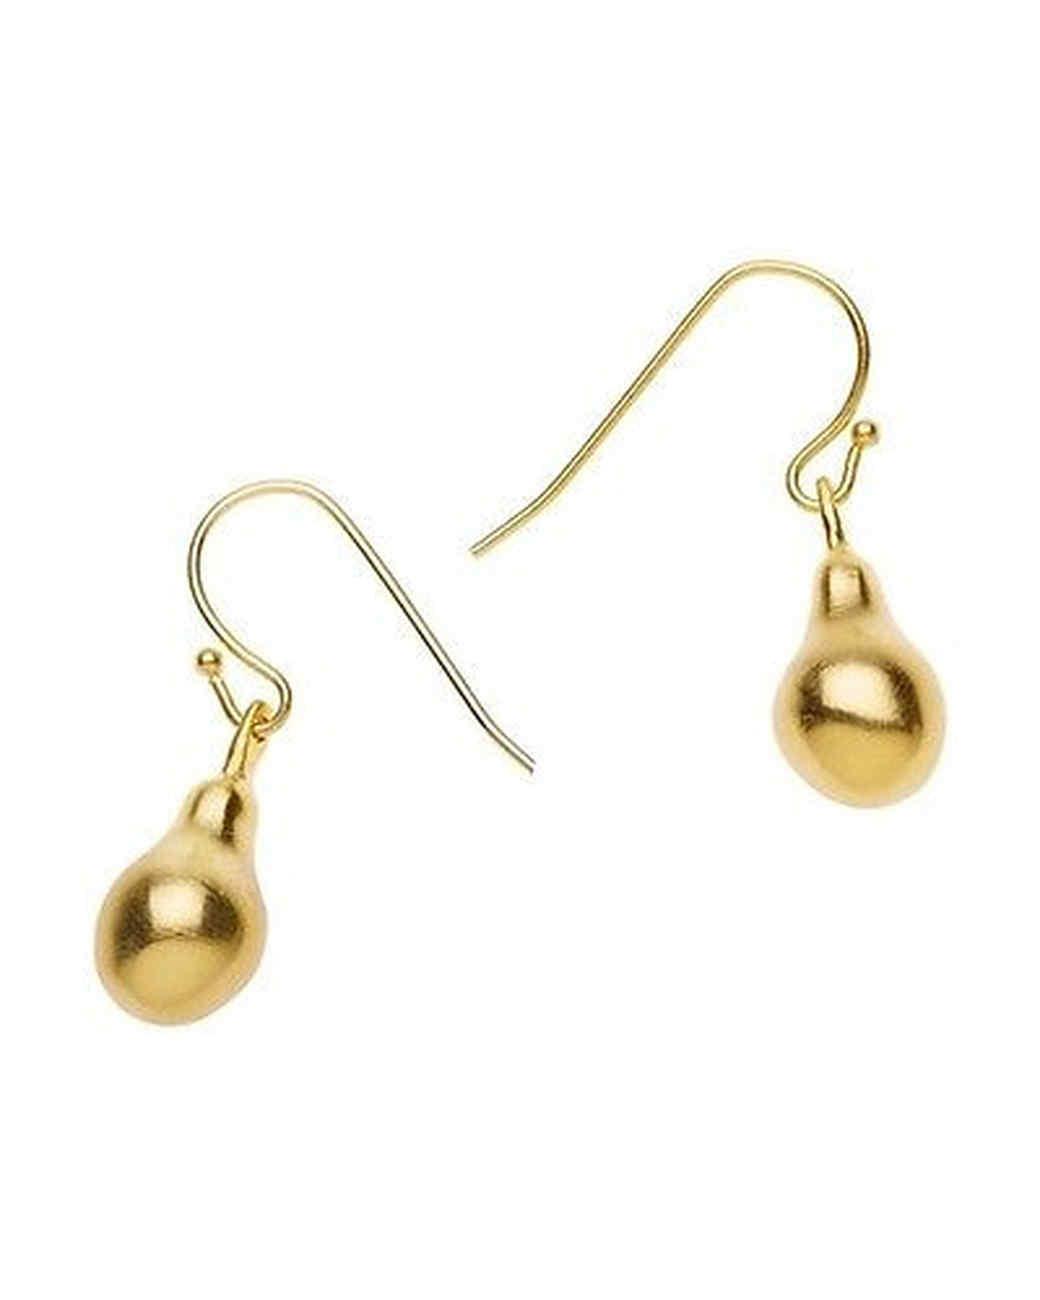 orchard-by-j-mavec-pear-earrings.jpg